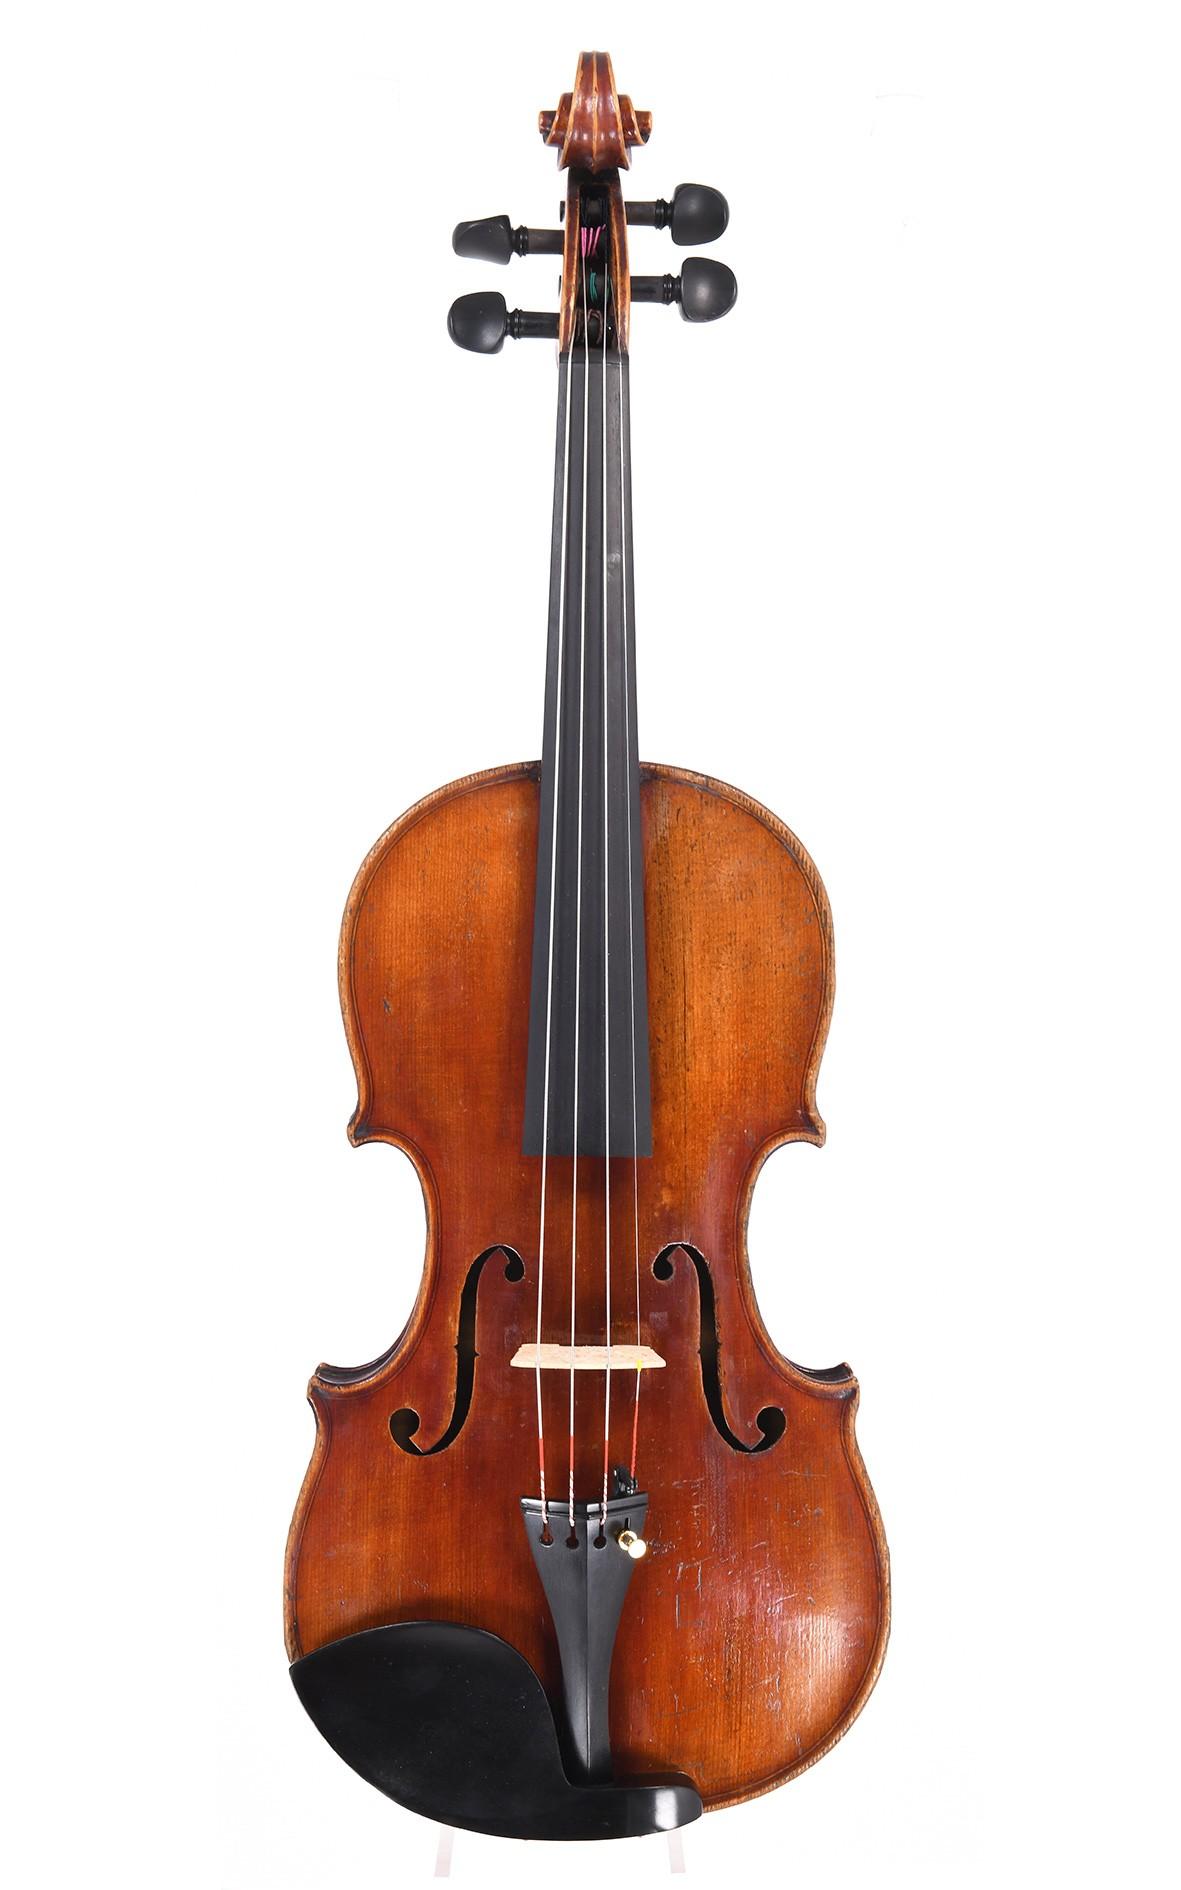 Geige von Korbinian Rieger aus Mittenwald, 1852